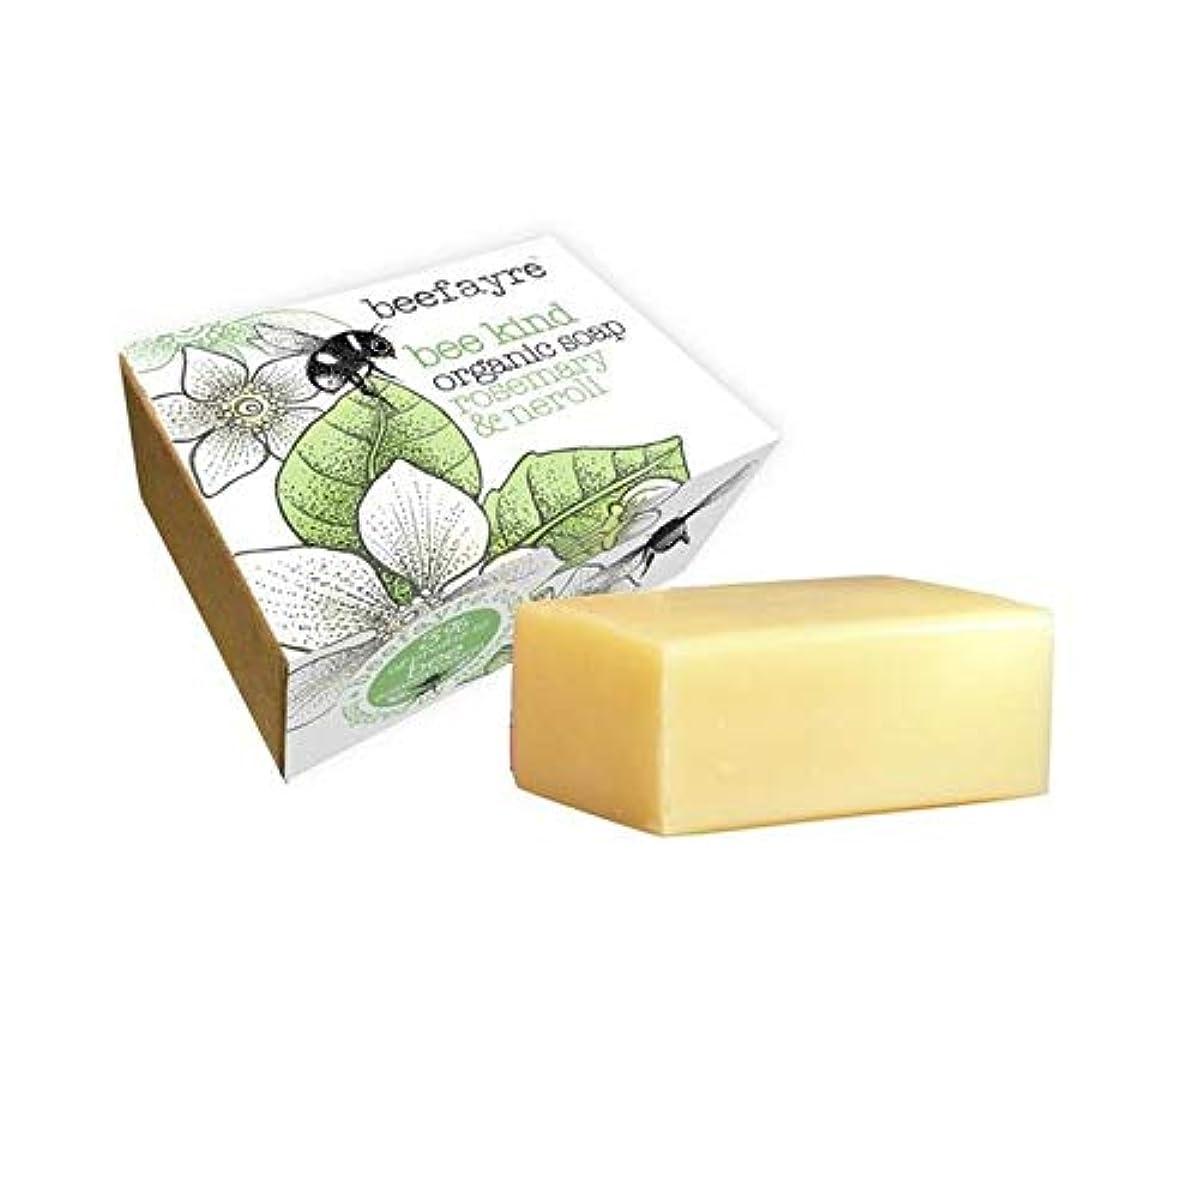 ワイドジャニスロッカー[Beefayre] 有機ローズマリー&ネロリソープバー100グラムBeefayre - Beefayre Organic Rosemary & Neroli Soap Bar 100g [並行輸入品]